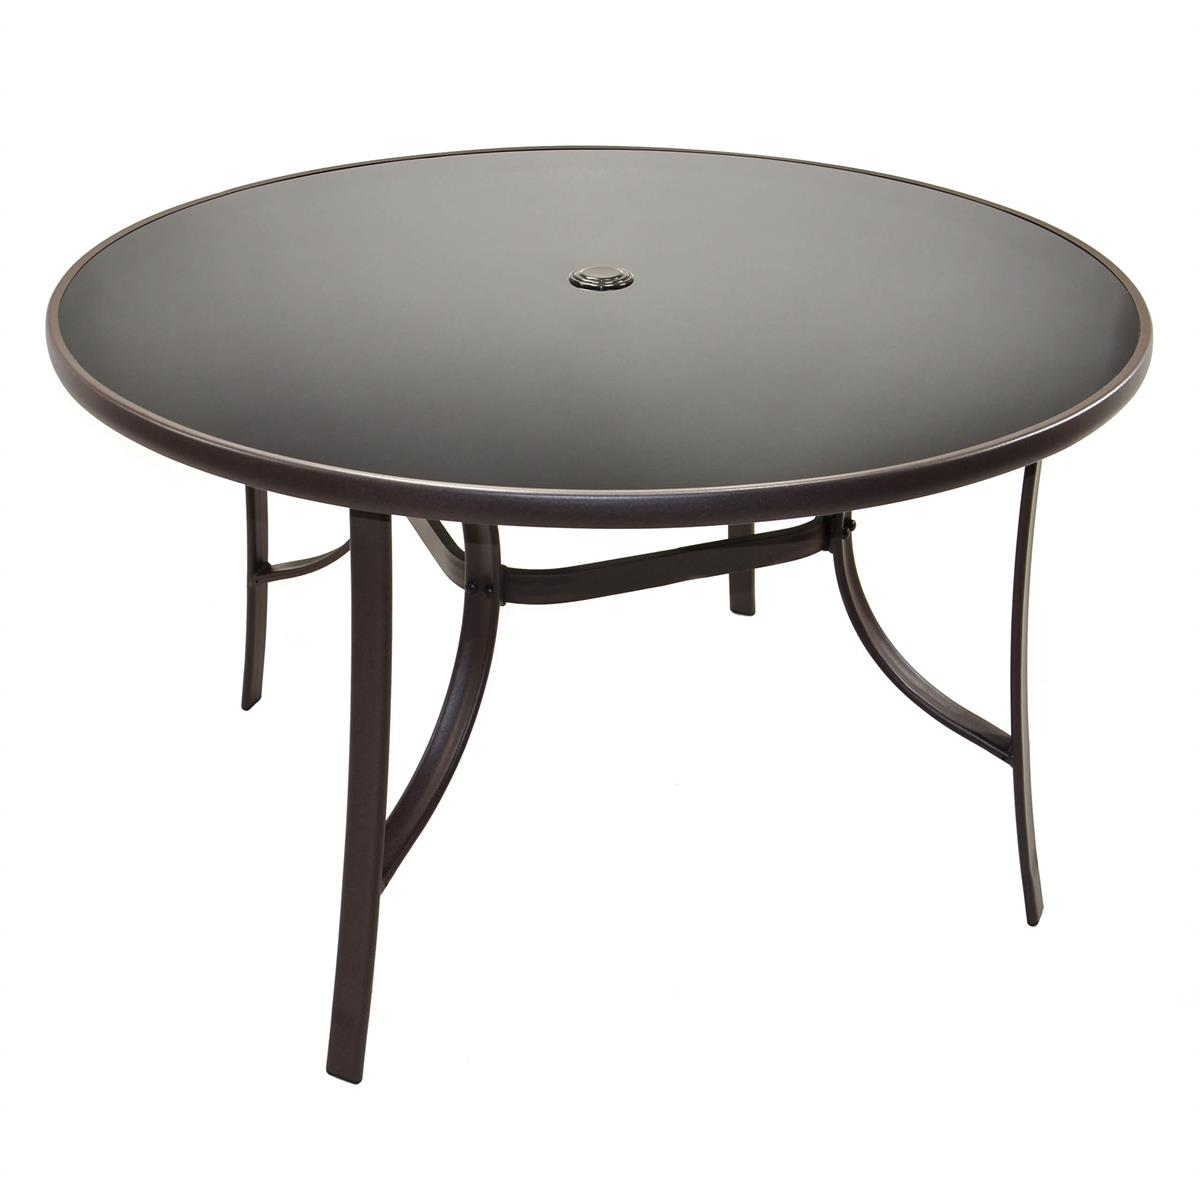 Gartentisch mit Glasplatte mit Schirmloch braun Glastisch Durchmesser 120 cm